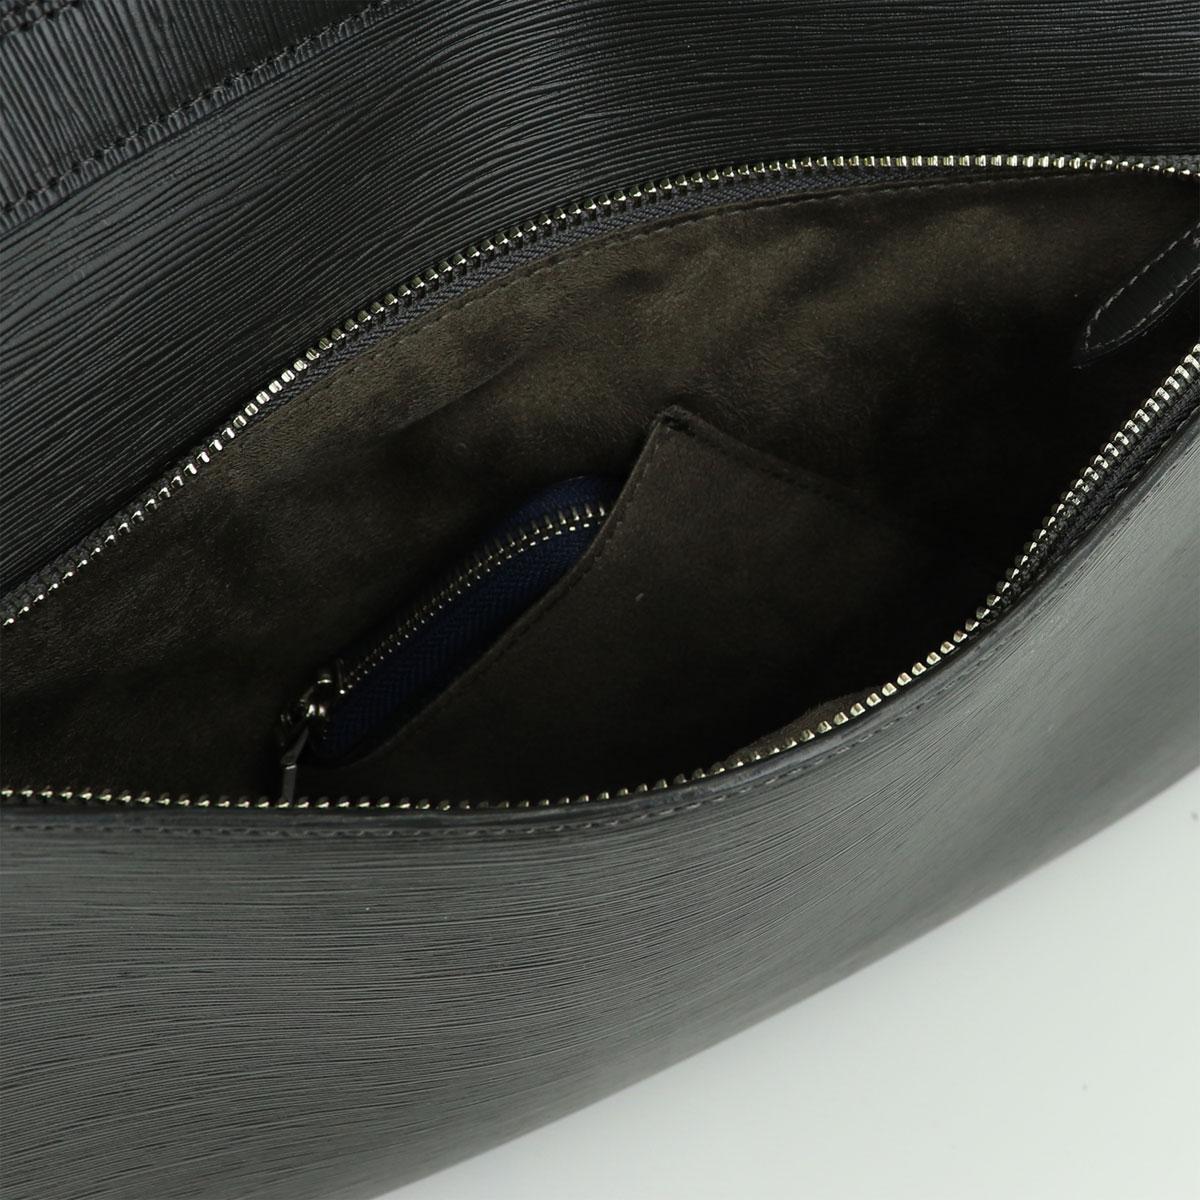 ペッレモルビダ PELLE MORBIDA CAPITANO キャピターノ 型押しレザー 3way リュック型ブリーフバッグ PMO-CA207 GRAY(チャコールグレー)